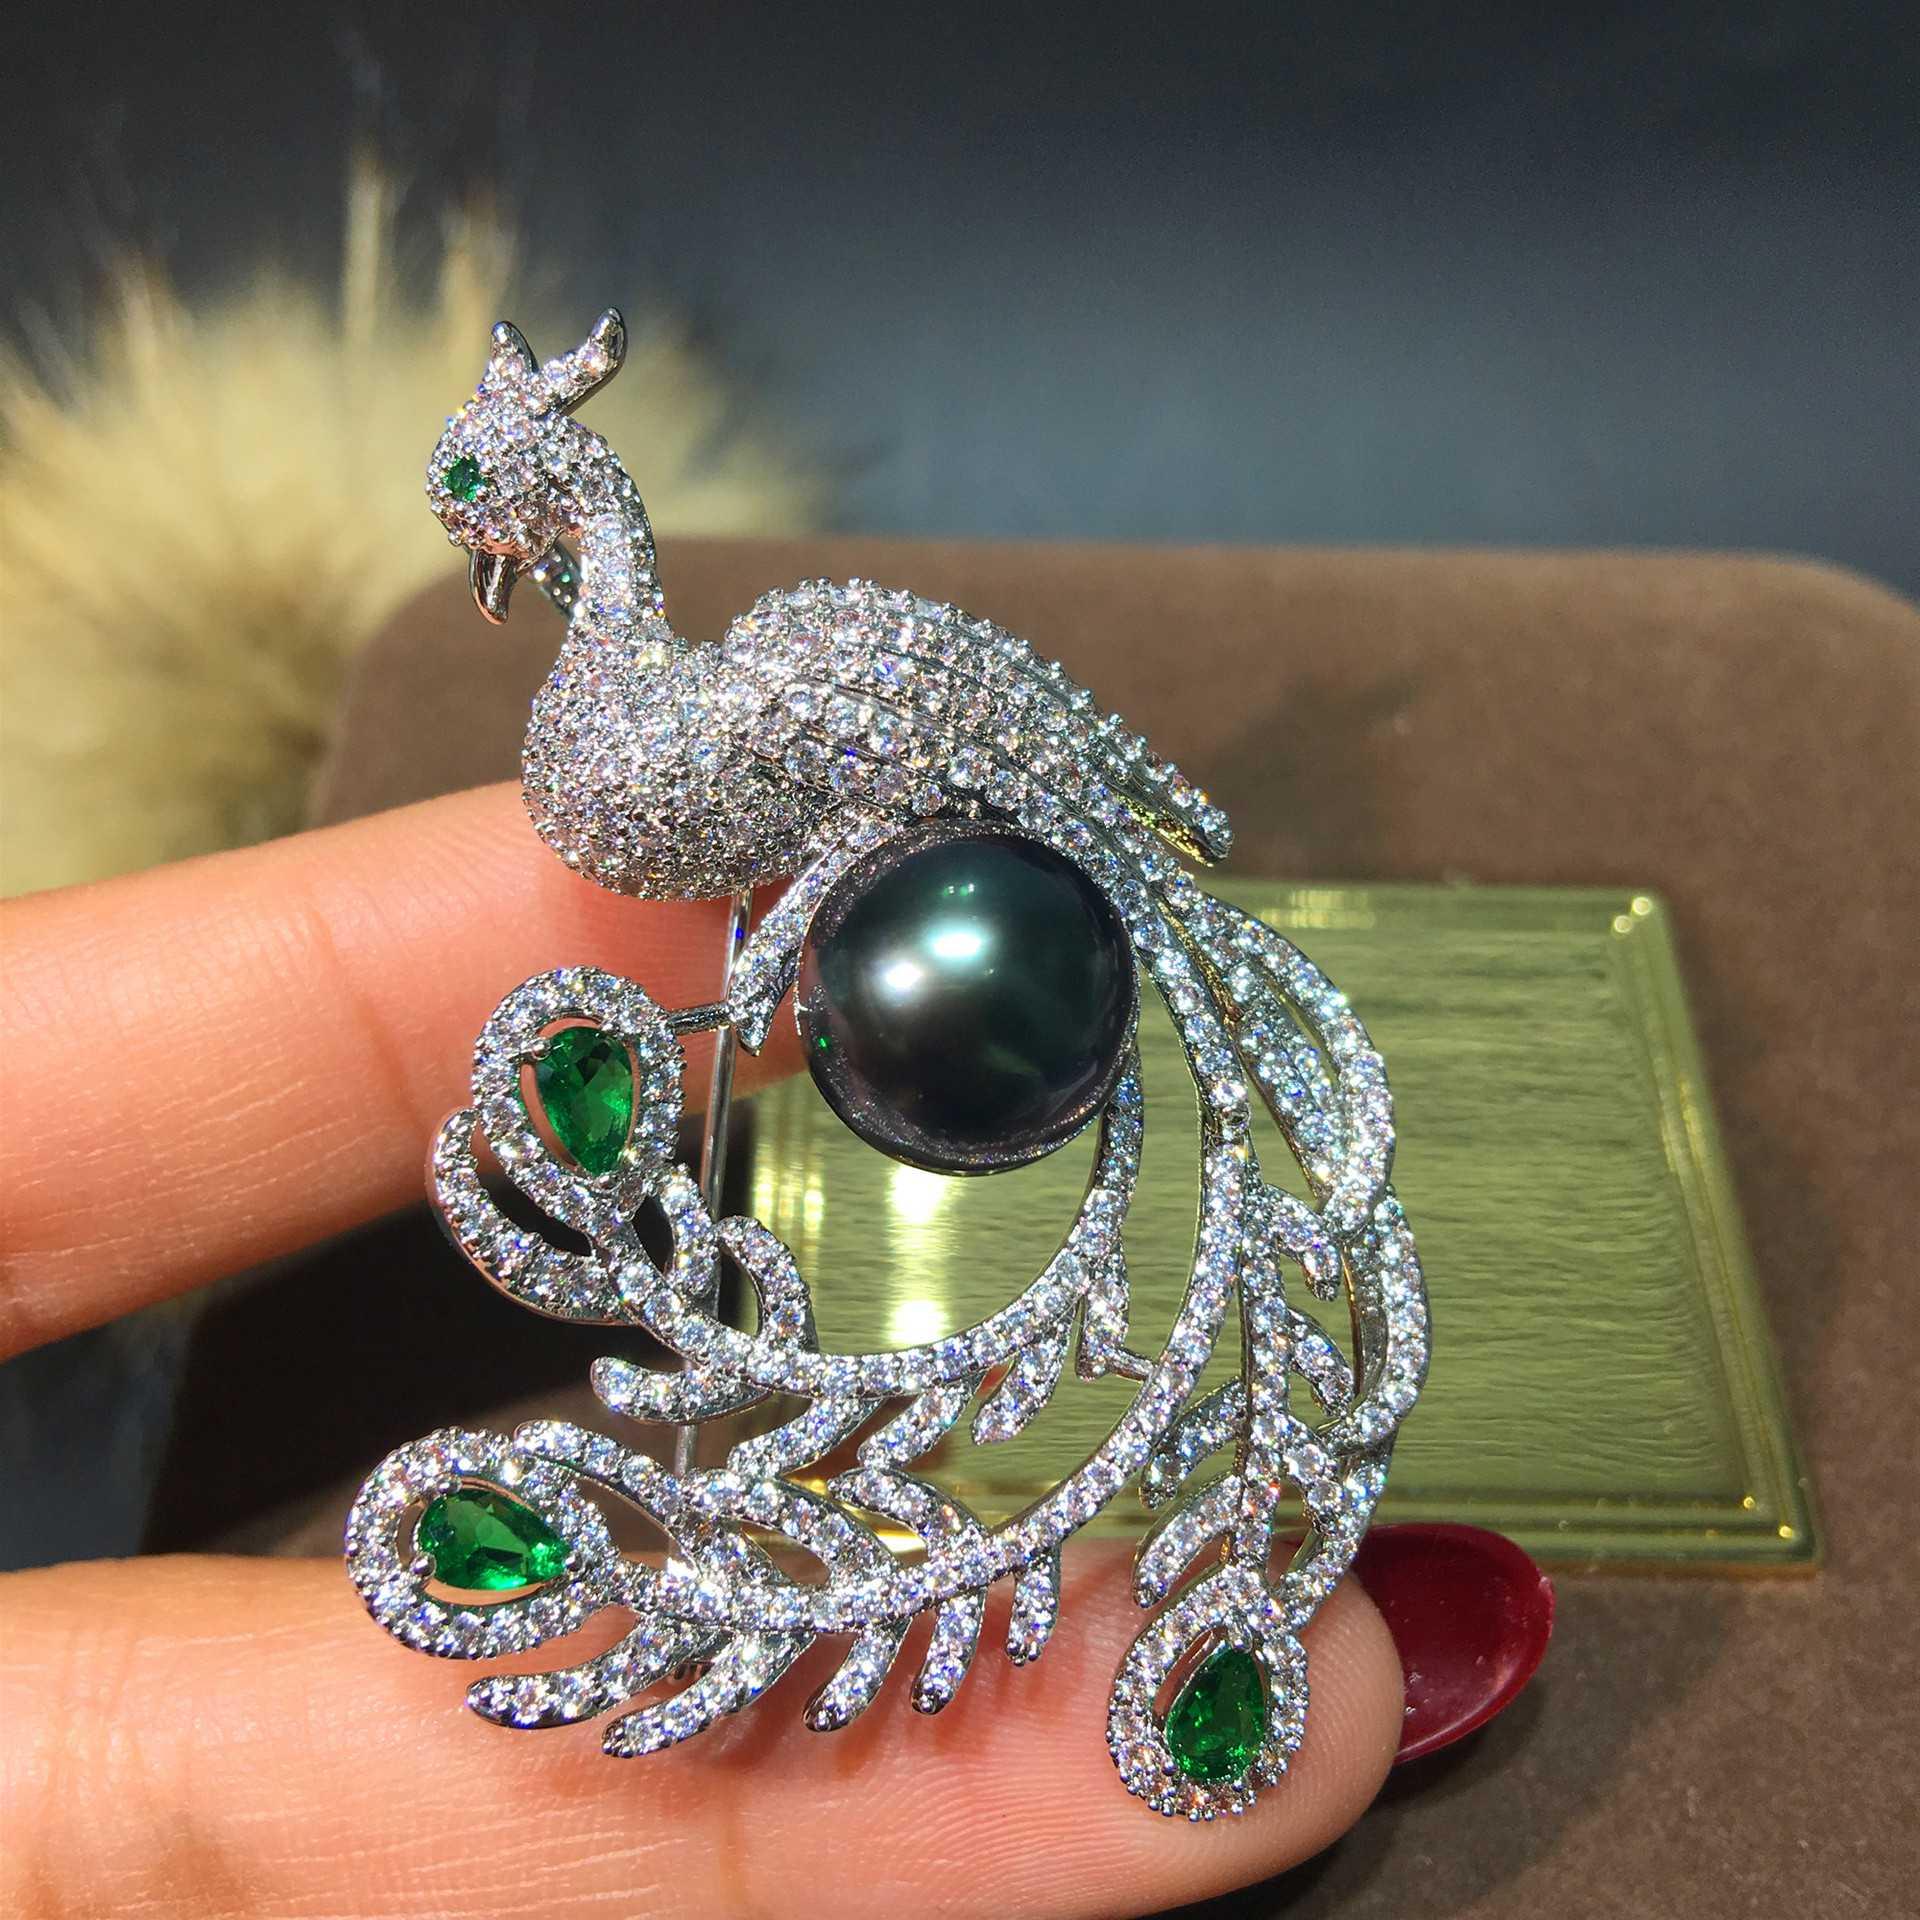 新款天然珍珠民族风微镶锆石凤凰胸针胸花时尚饰品服饰